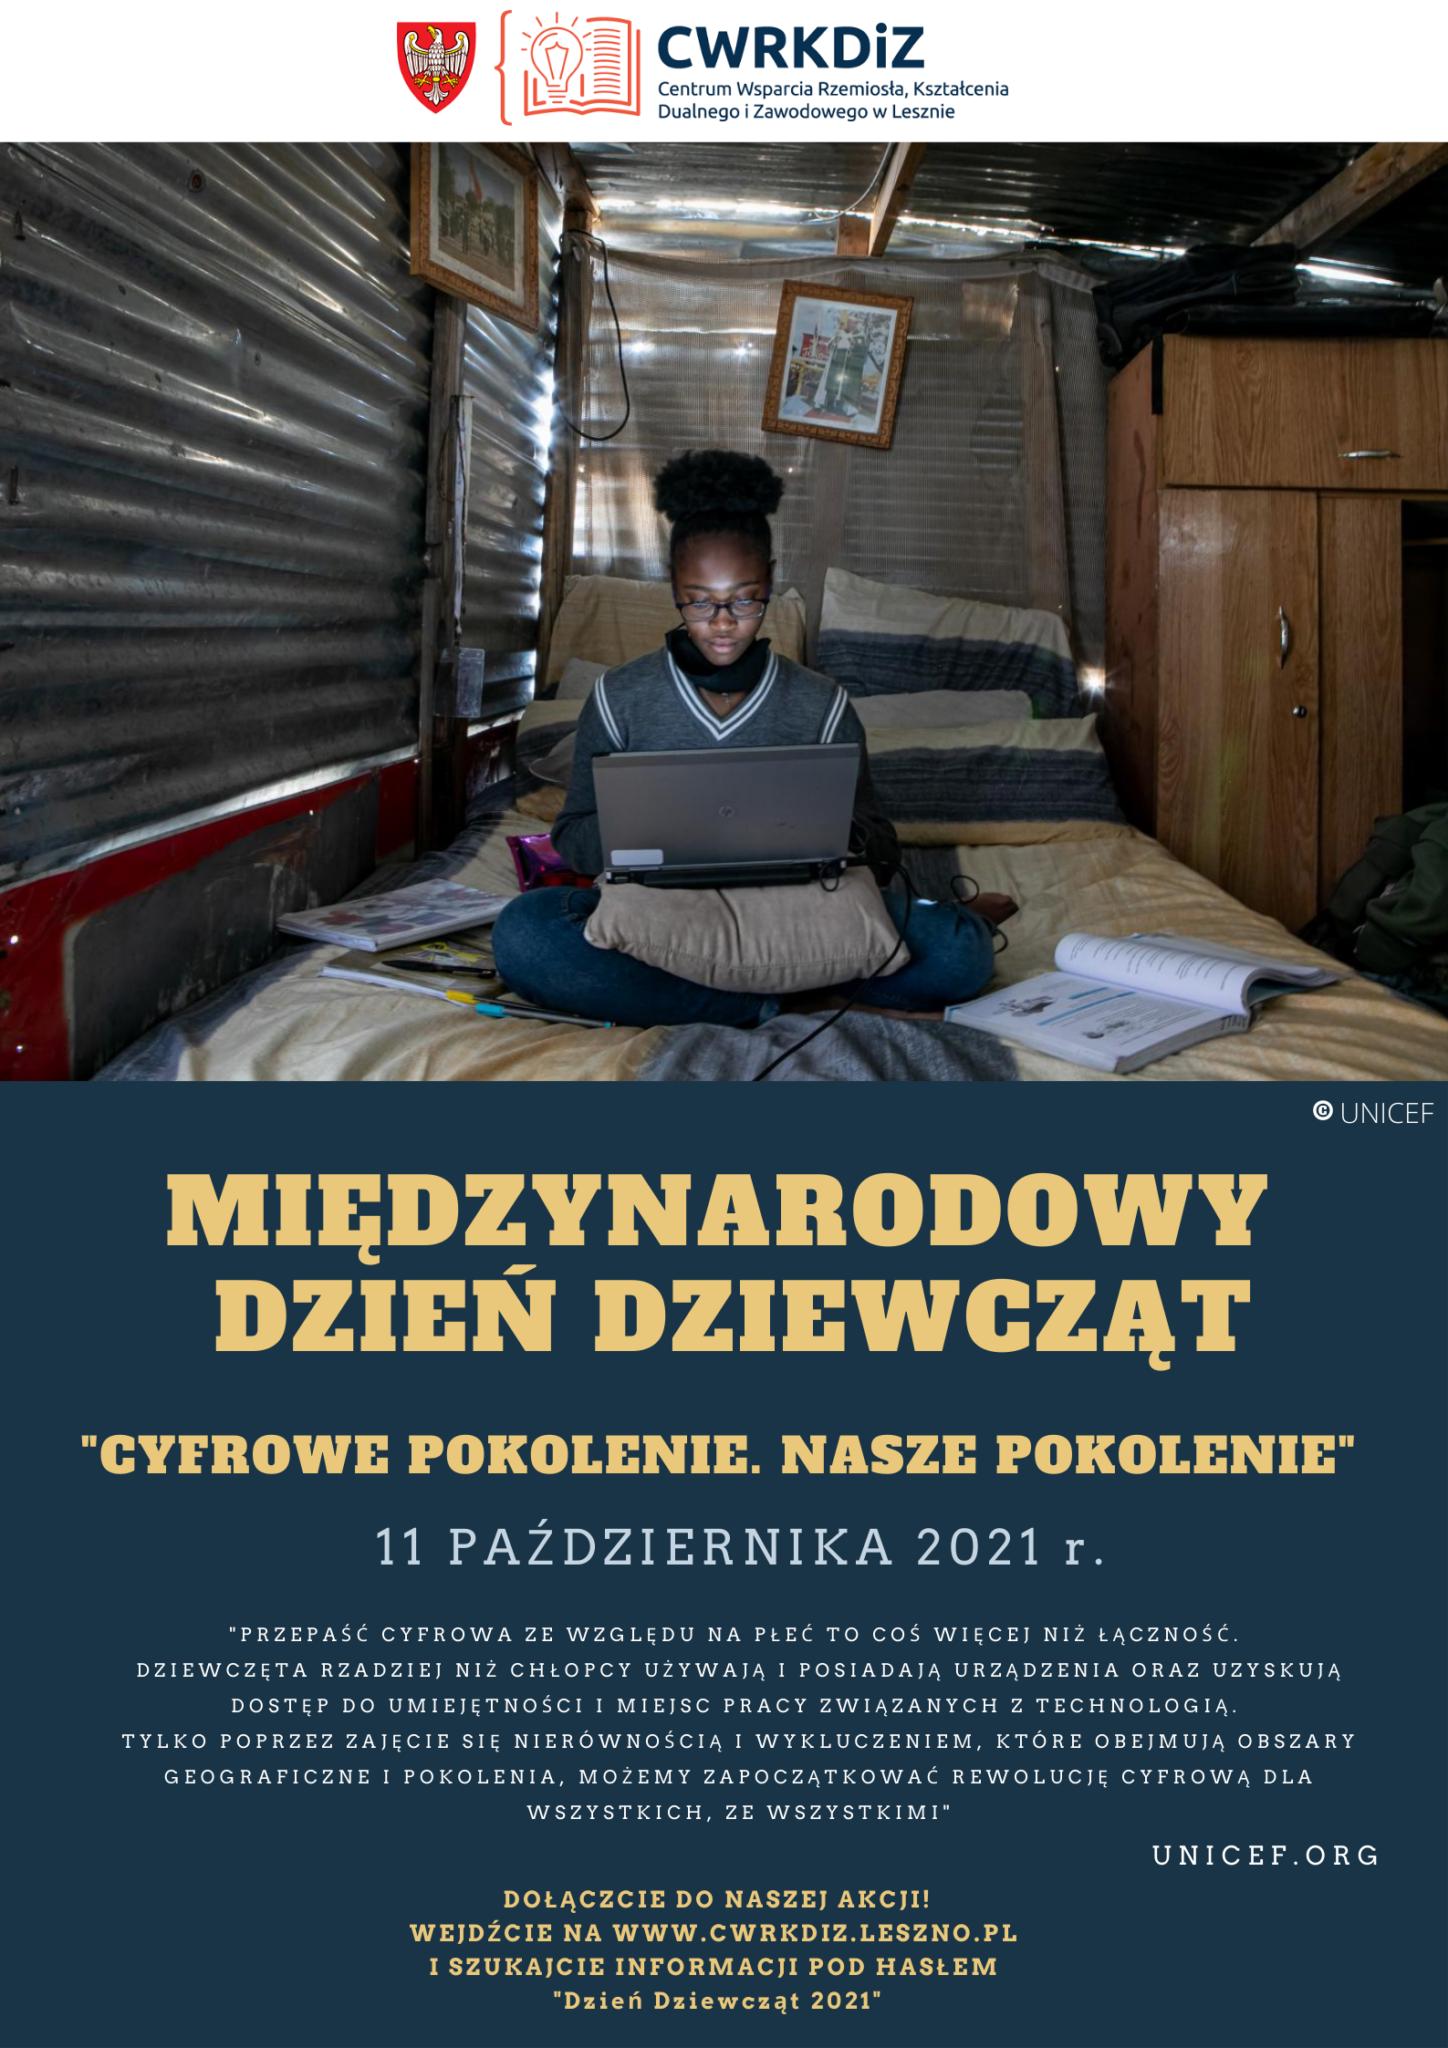 Na plakacie znajduje się logo CWRKDiZ w Lesznie oraz zdjęcie dziewczyny siedzącej przy komputerze w pomieszczeniu z blachy oraz krótka informacja o Międzynarodowym Dniu Dziewcząt.